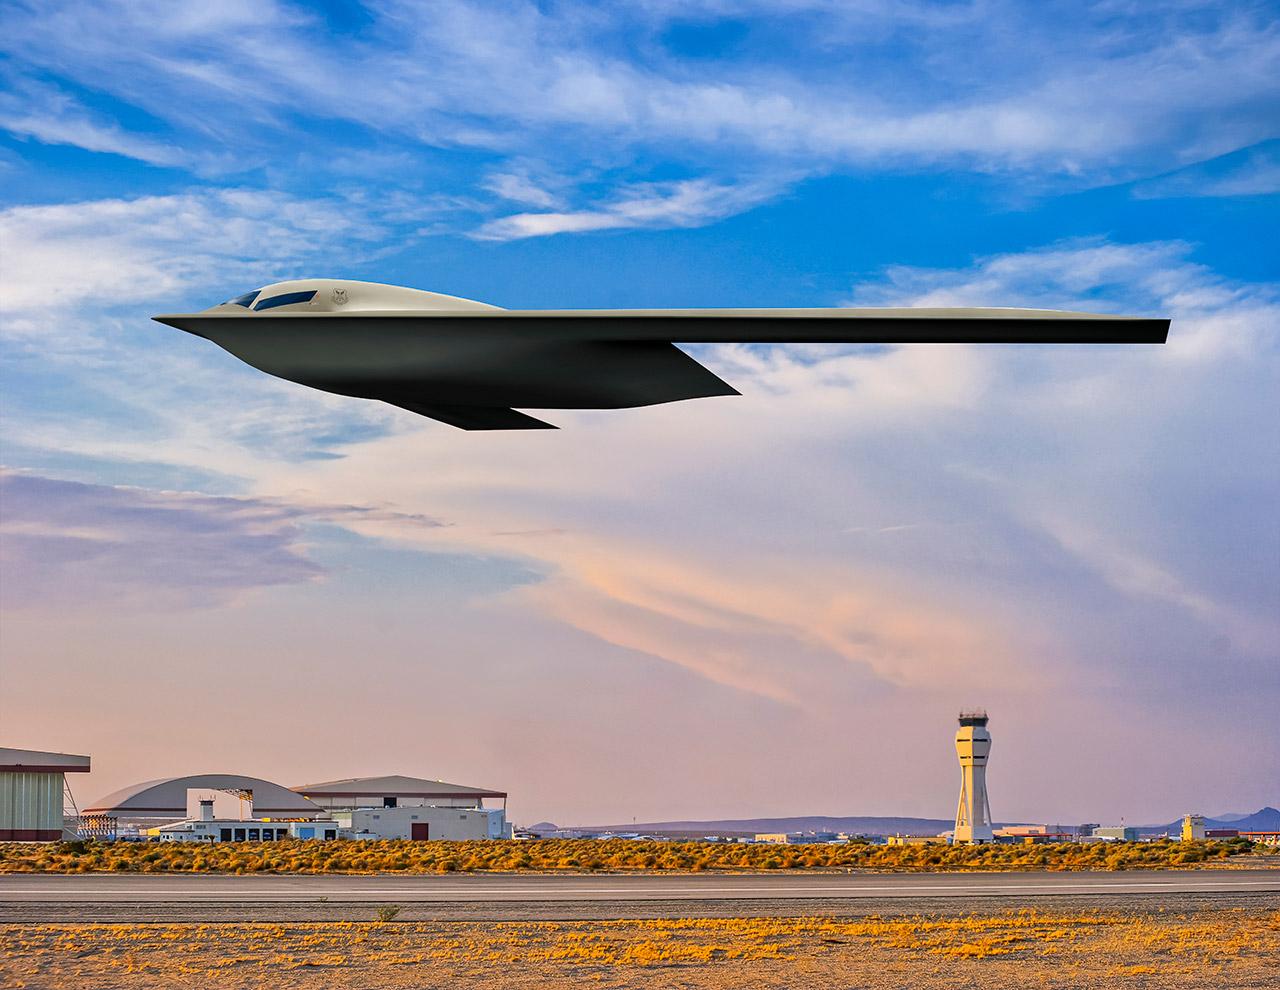 US Air Force B-21 Raider Stealth Bomber